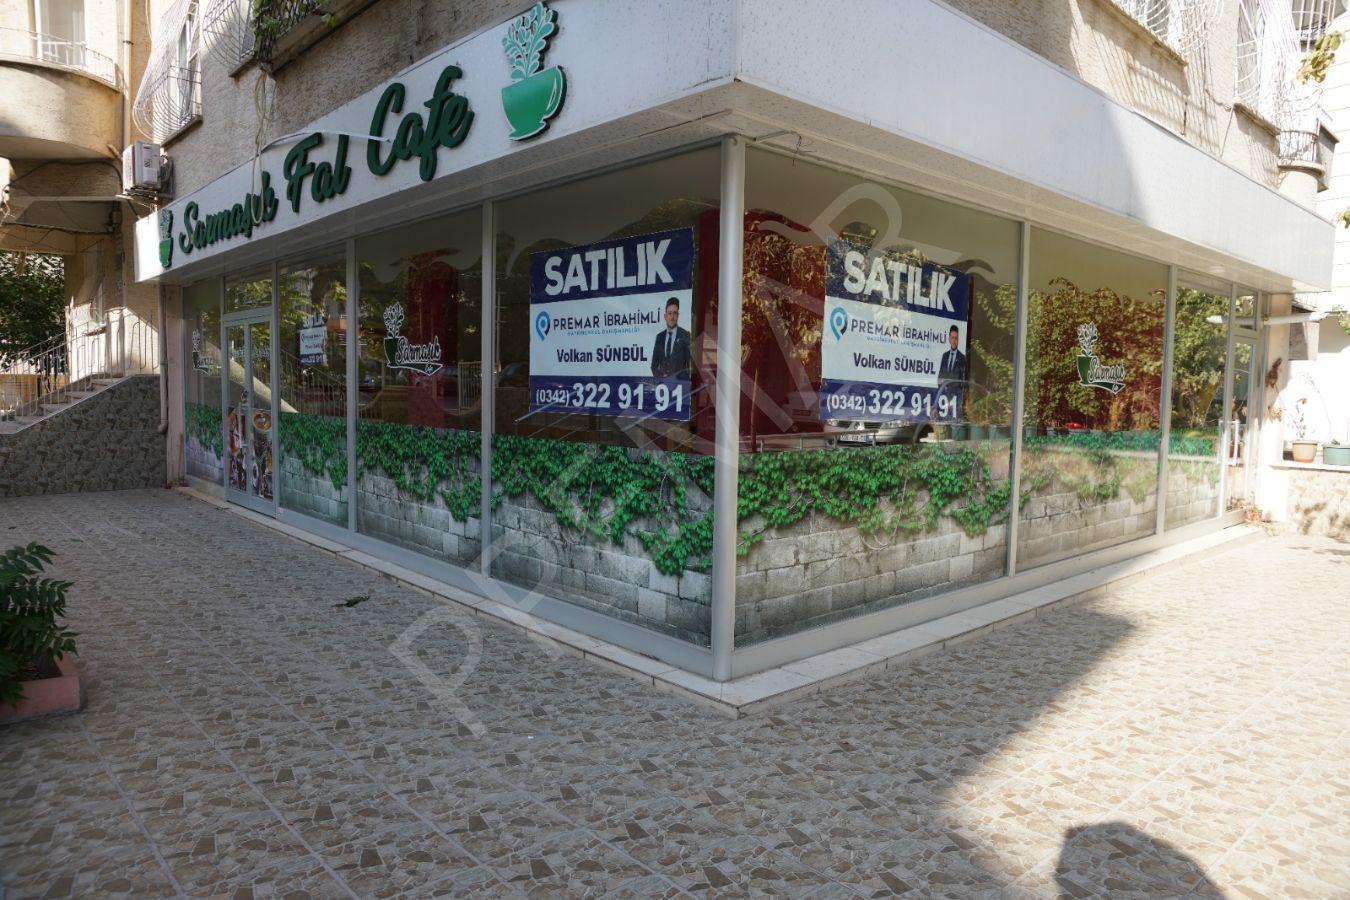 Premar İbrahimli Volkan Sünbül'den Emek'te Satılık İş Yeri